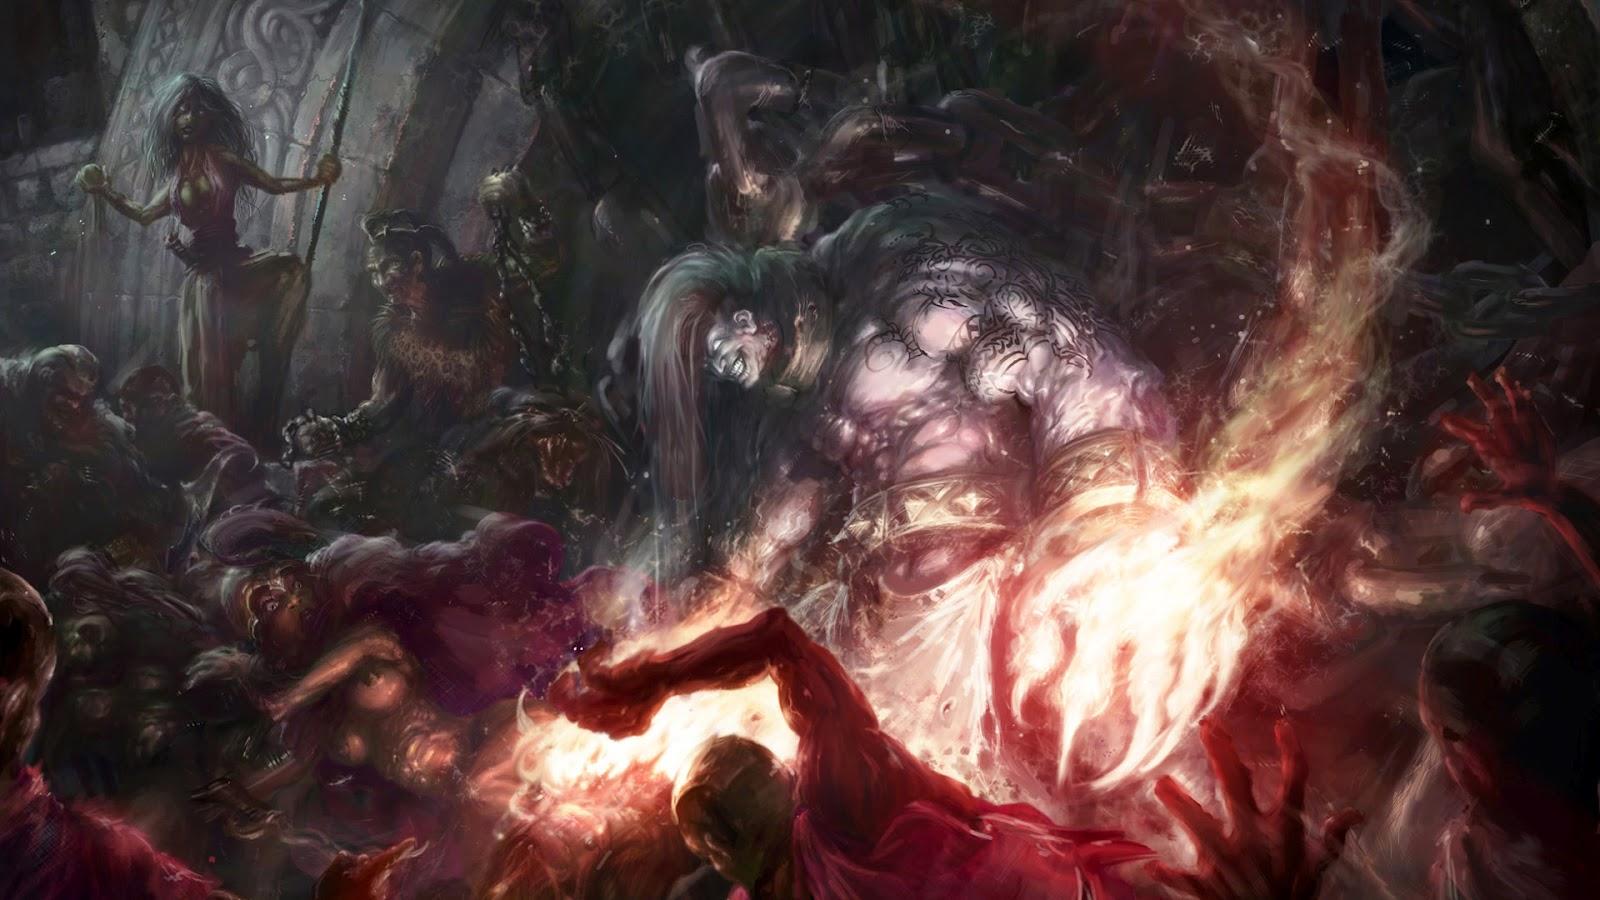 Free Demon Wallpapers - WallpaperSafari